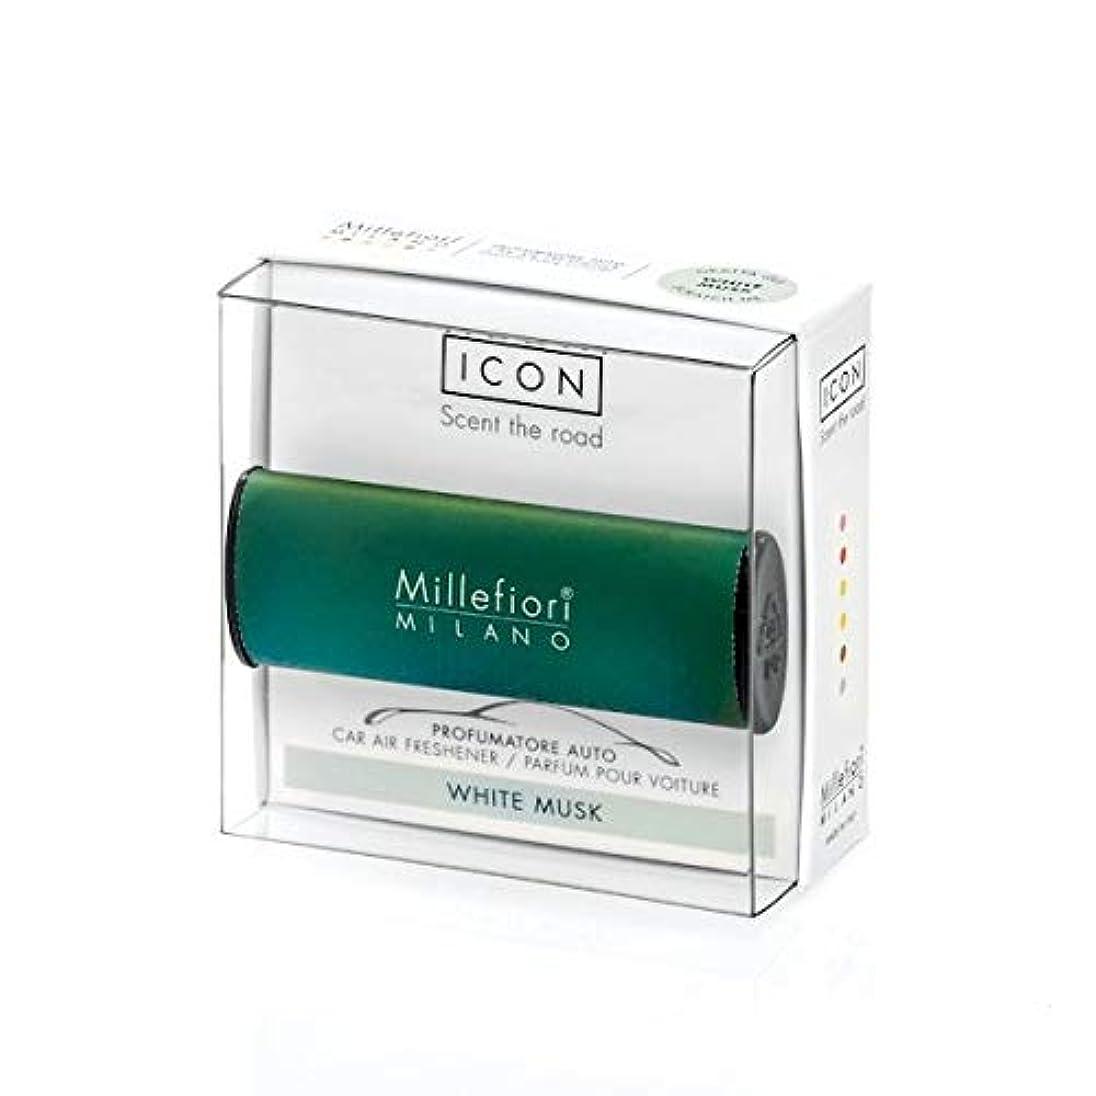 無秩序どうやらサラミミッレフィオーリ(Millefiori) カーエアフレッシュナー ICON CLASSIC GREEN - ホワイトムスク(WHITE MUSK) [並行輸入品]